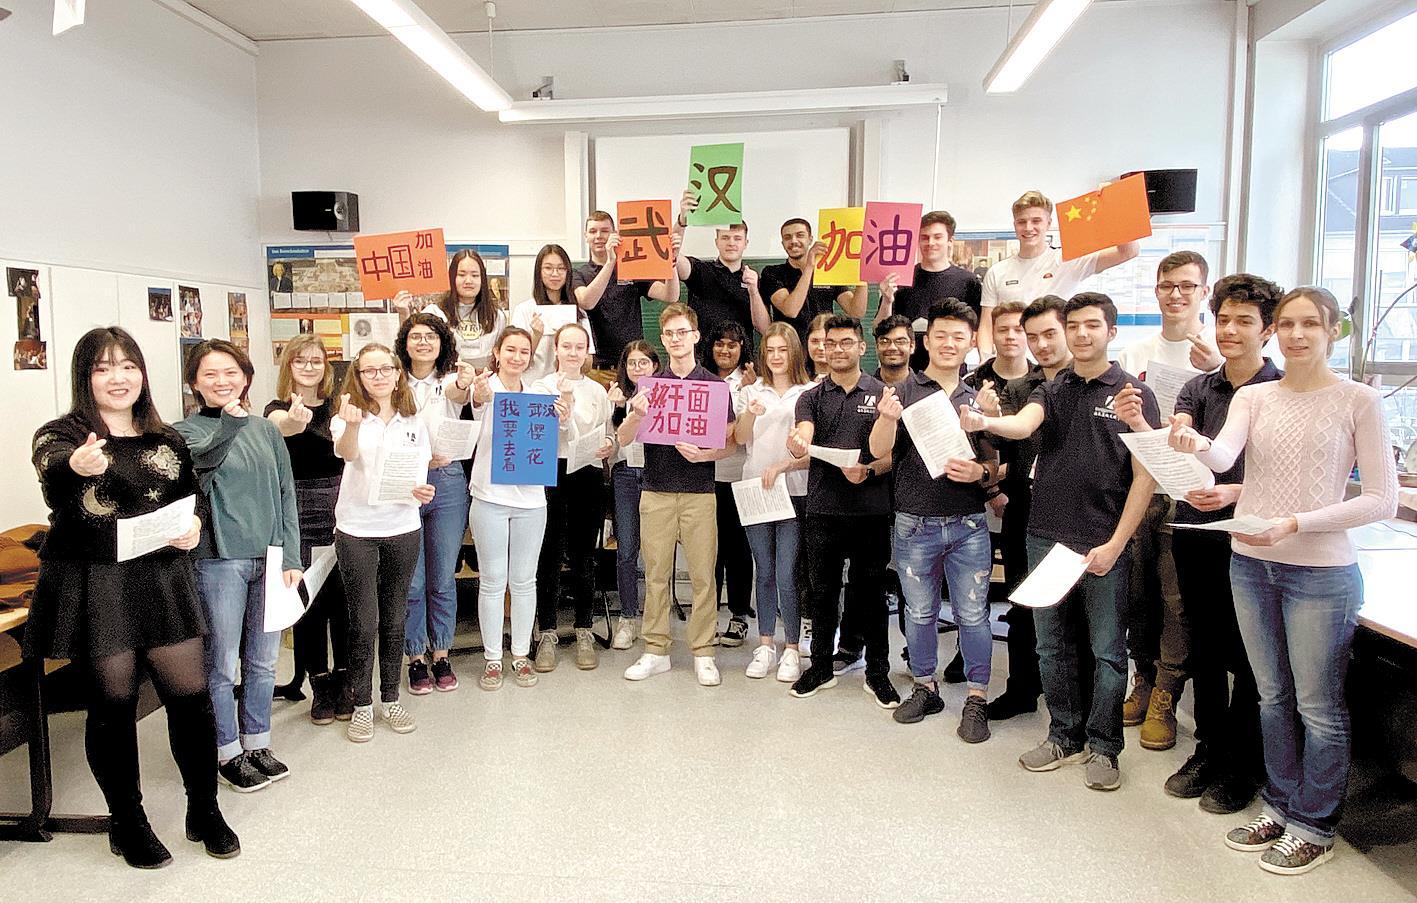 德国中学生用歌声支持武汉